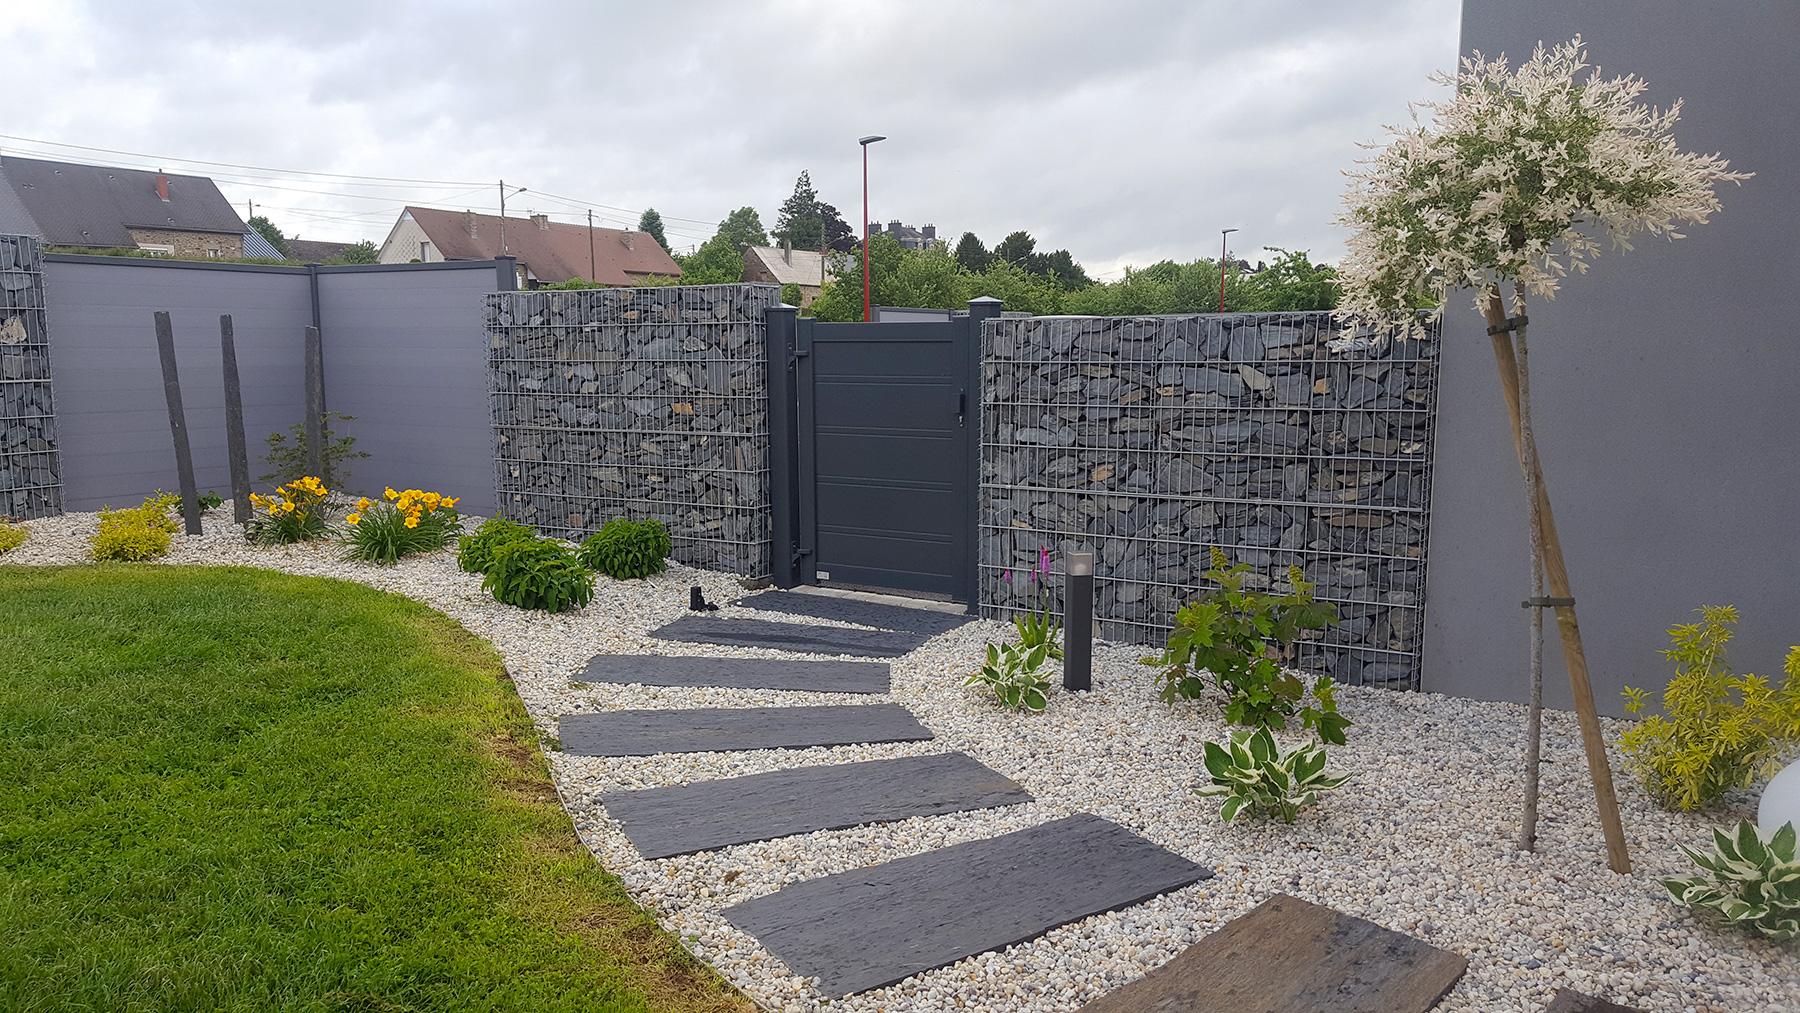 Bassin De Jardin Design Zen pas japonais - aménagement de jardin japonais | paysages conseil